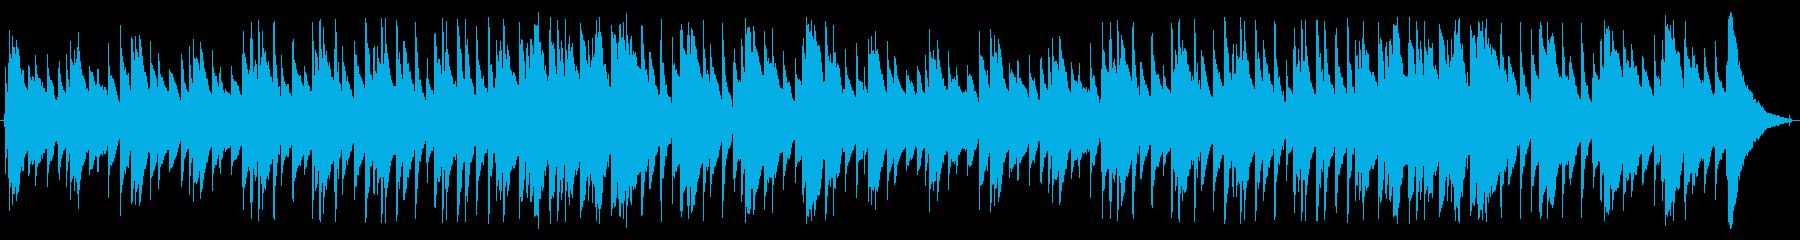 アコースティックアルペジオの再生済みの波形